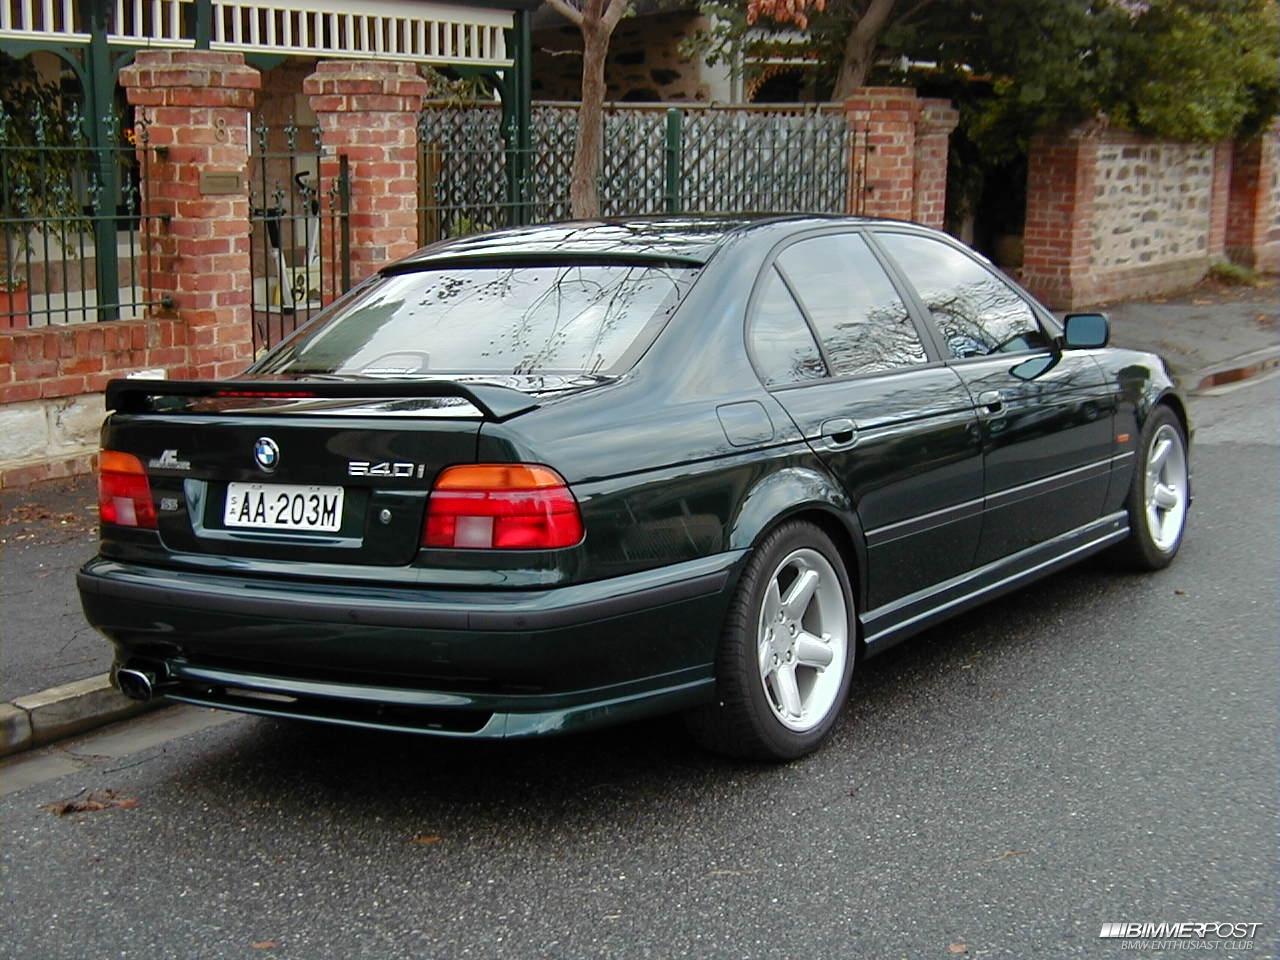 Steveaus S 1998 Bmw E39 540i Schnitzer Bimmerpost Garage